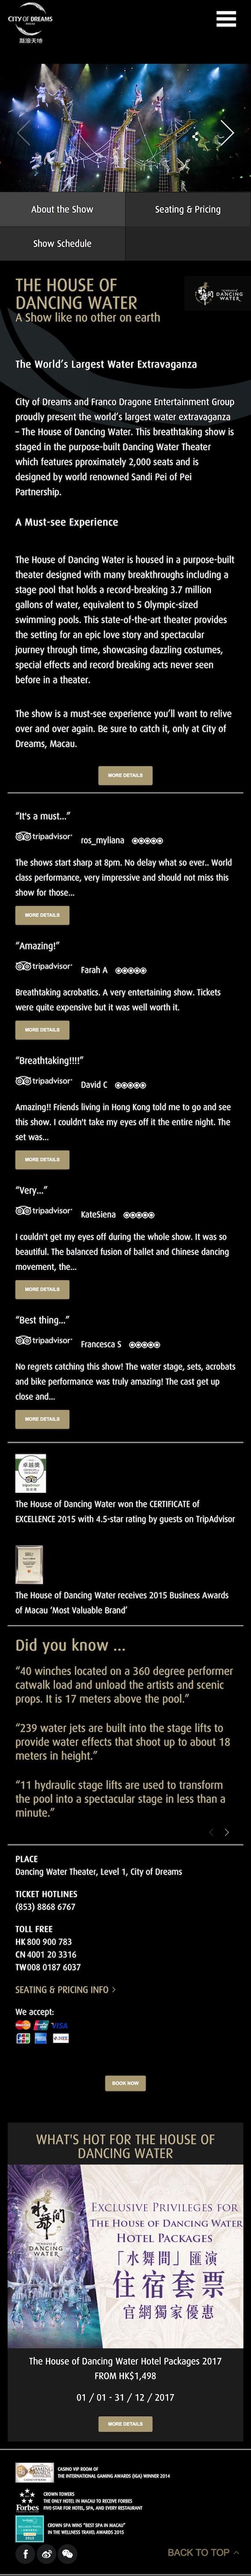 house of dancing waters city of dreams website